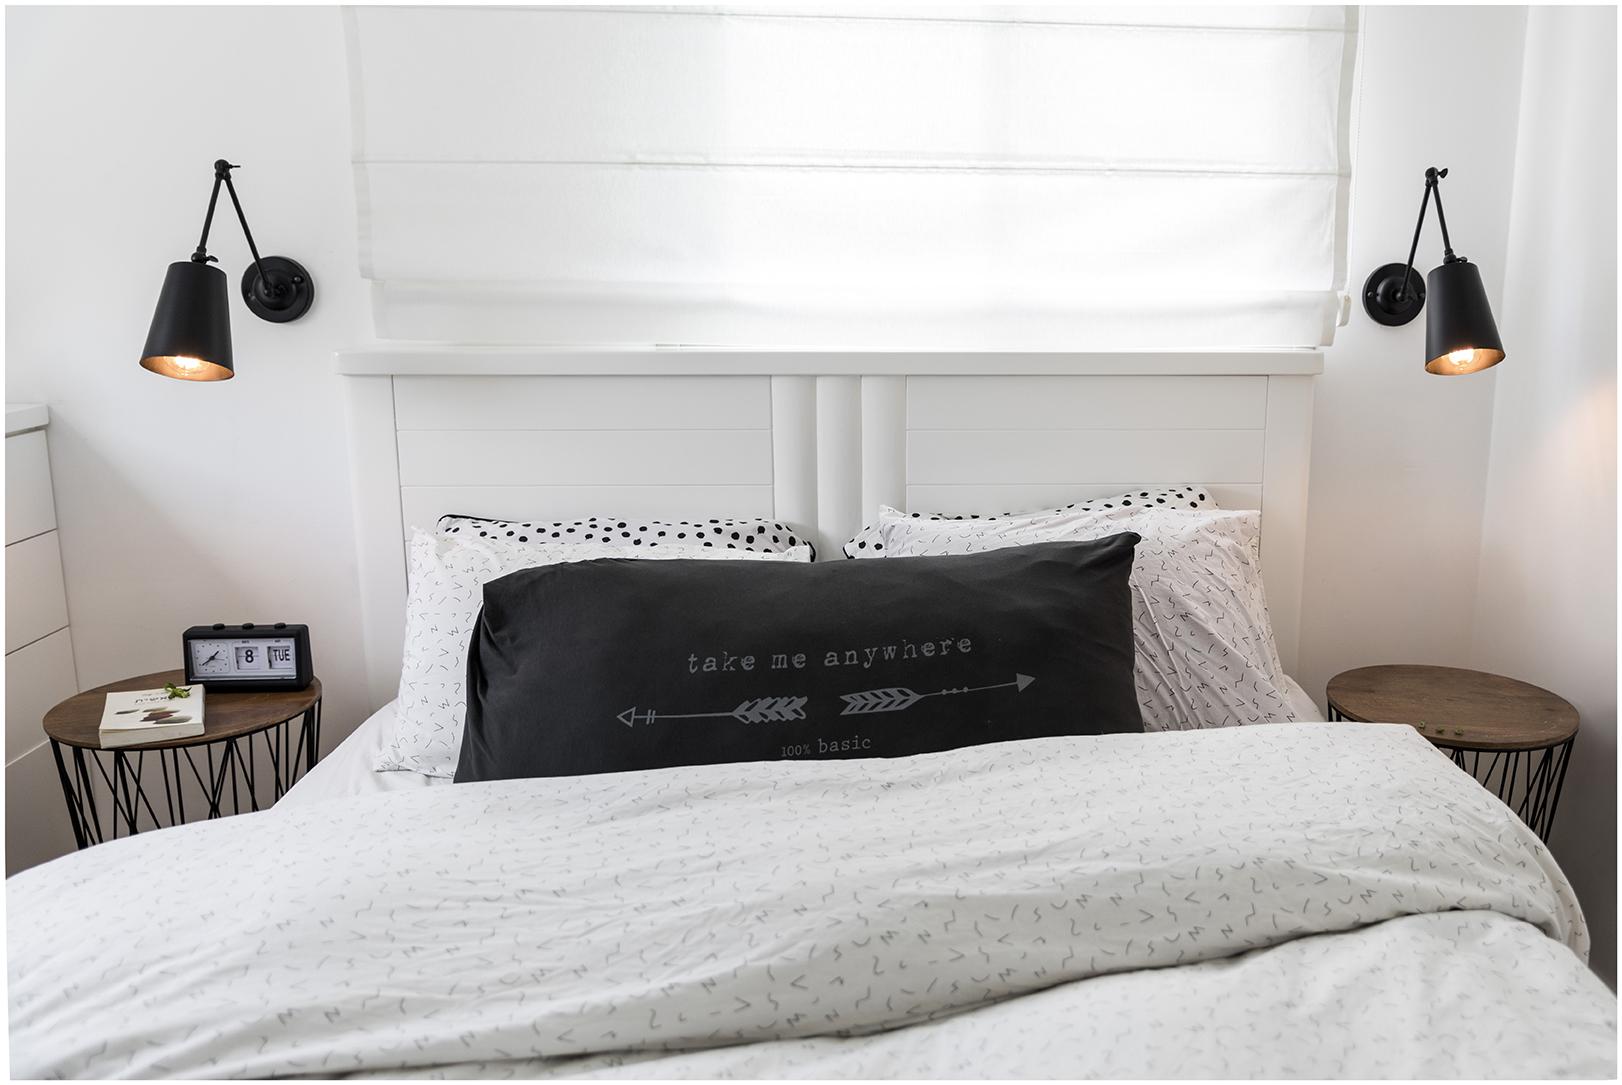 דירה בצפון תל אביב - חדר שינה הורים